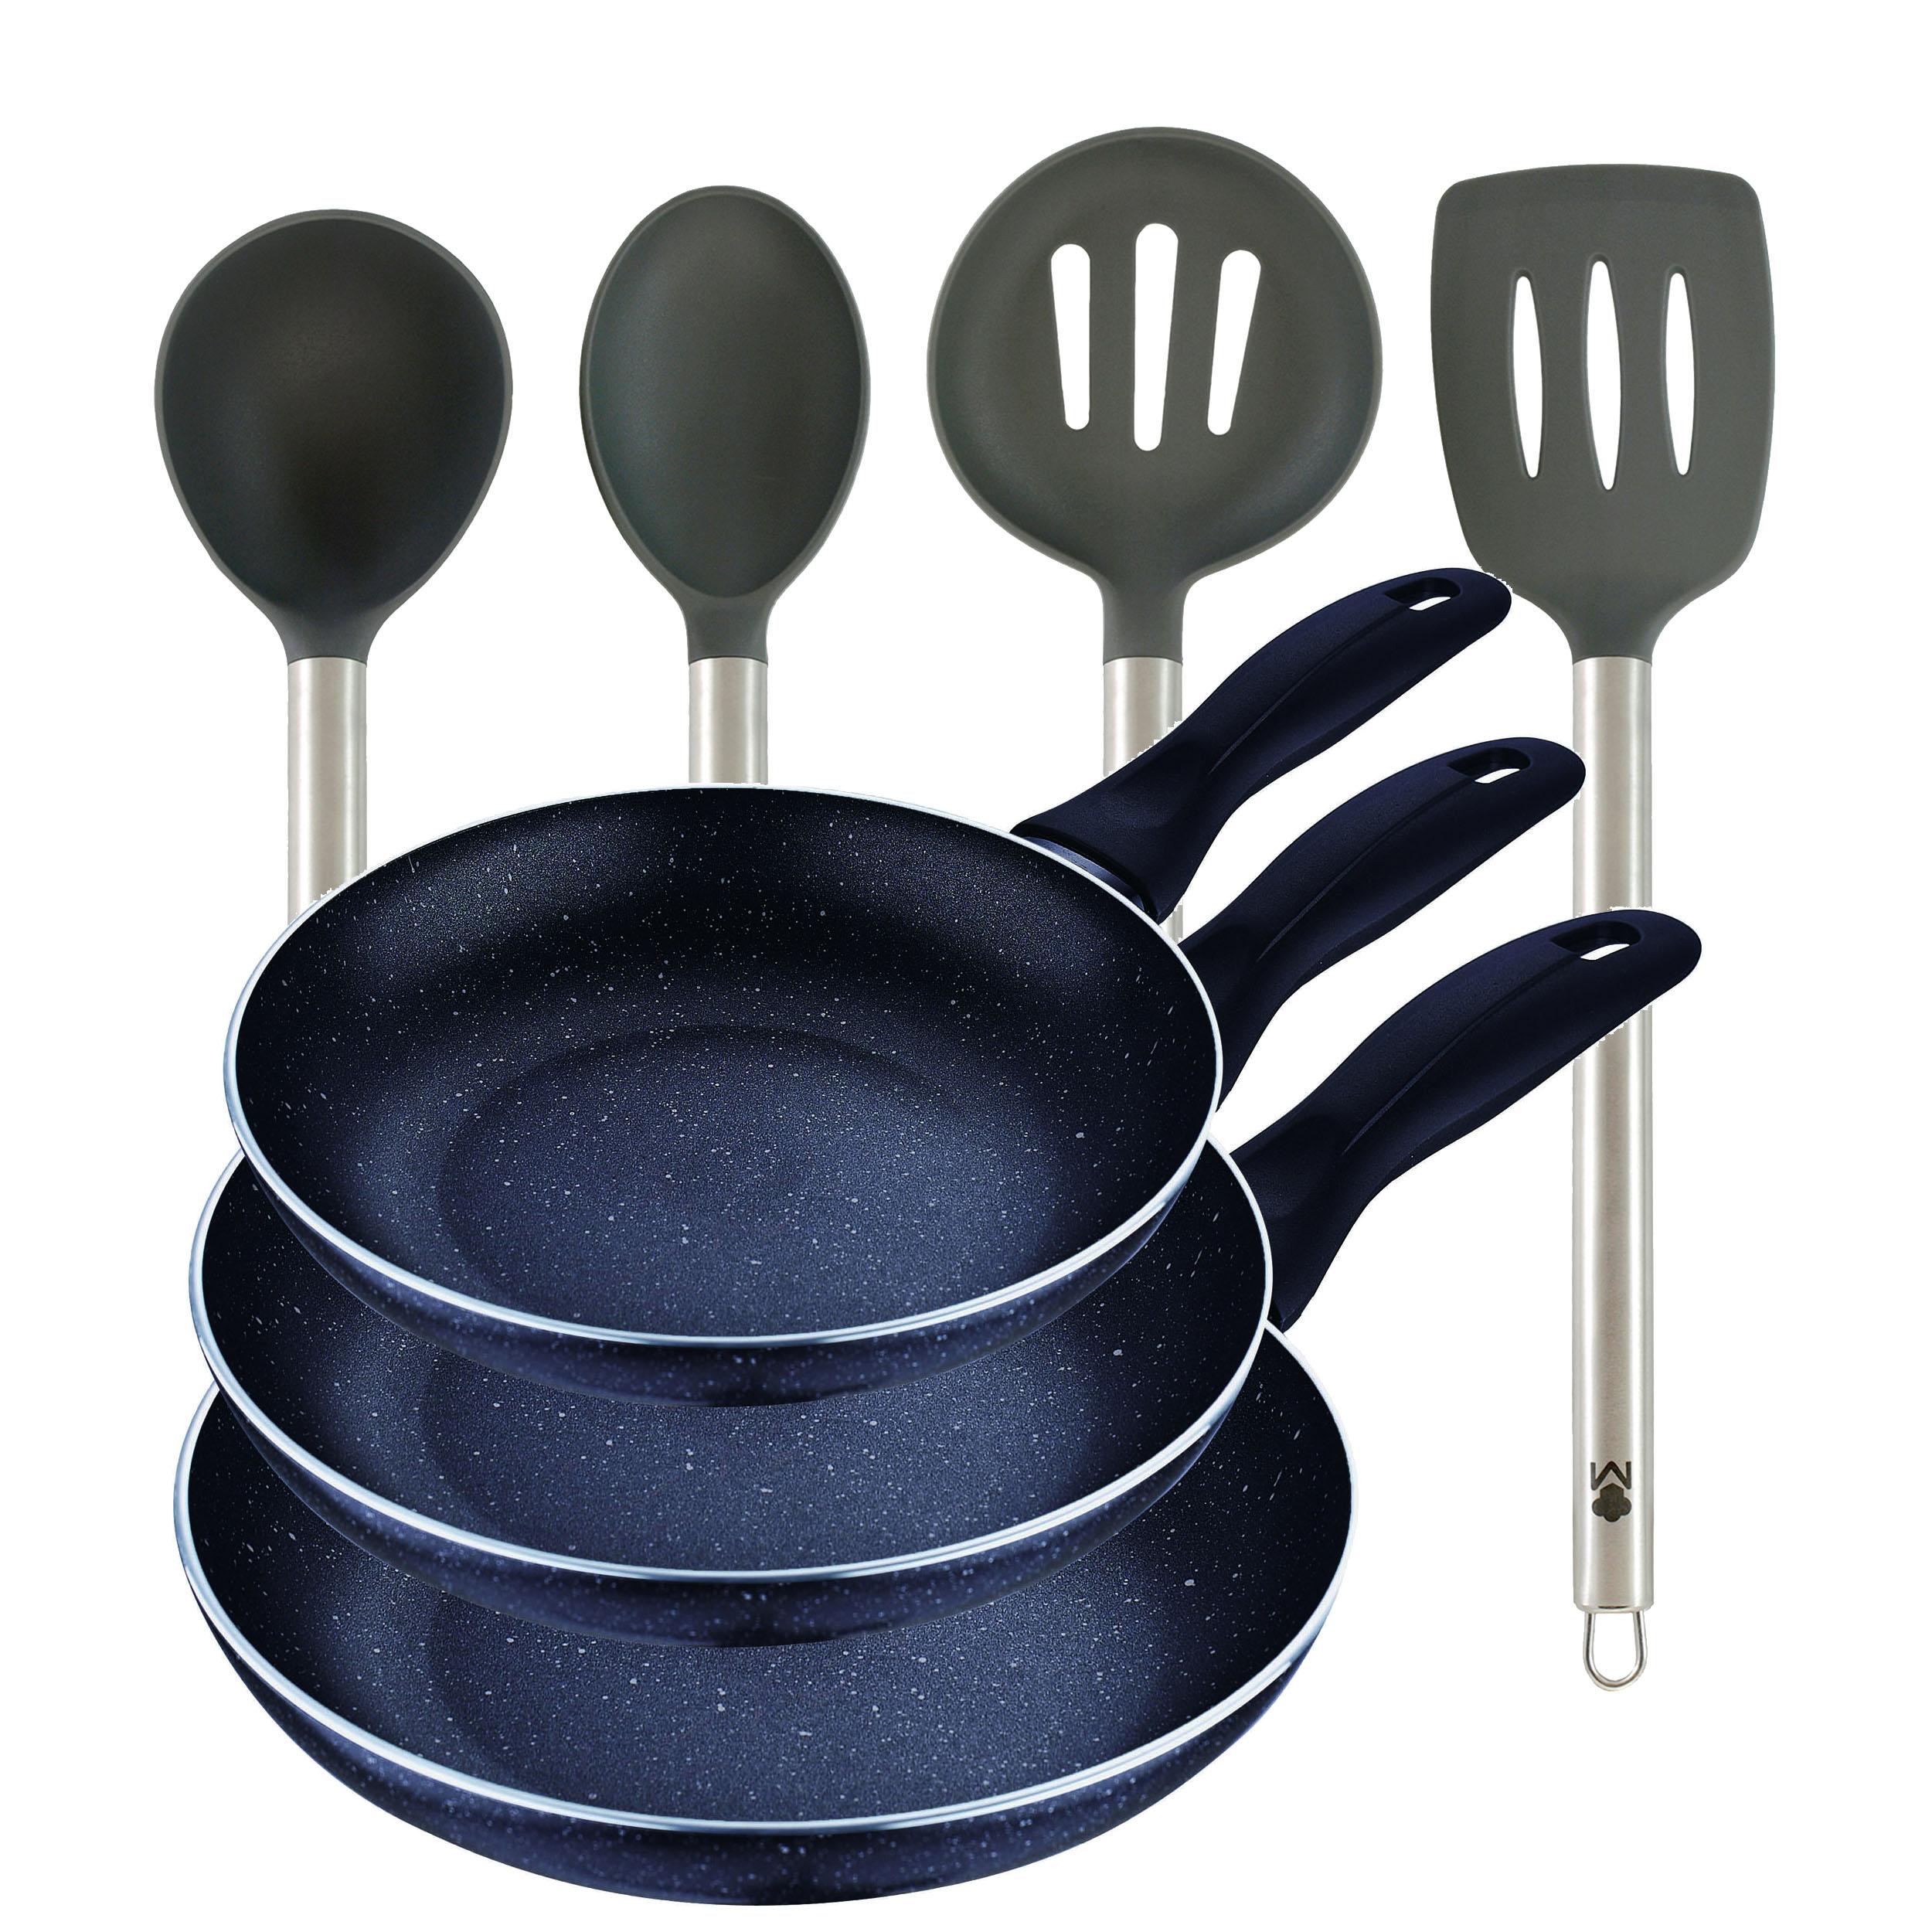 SAN IGNACIO juego de sartenes y utensilios de cocina